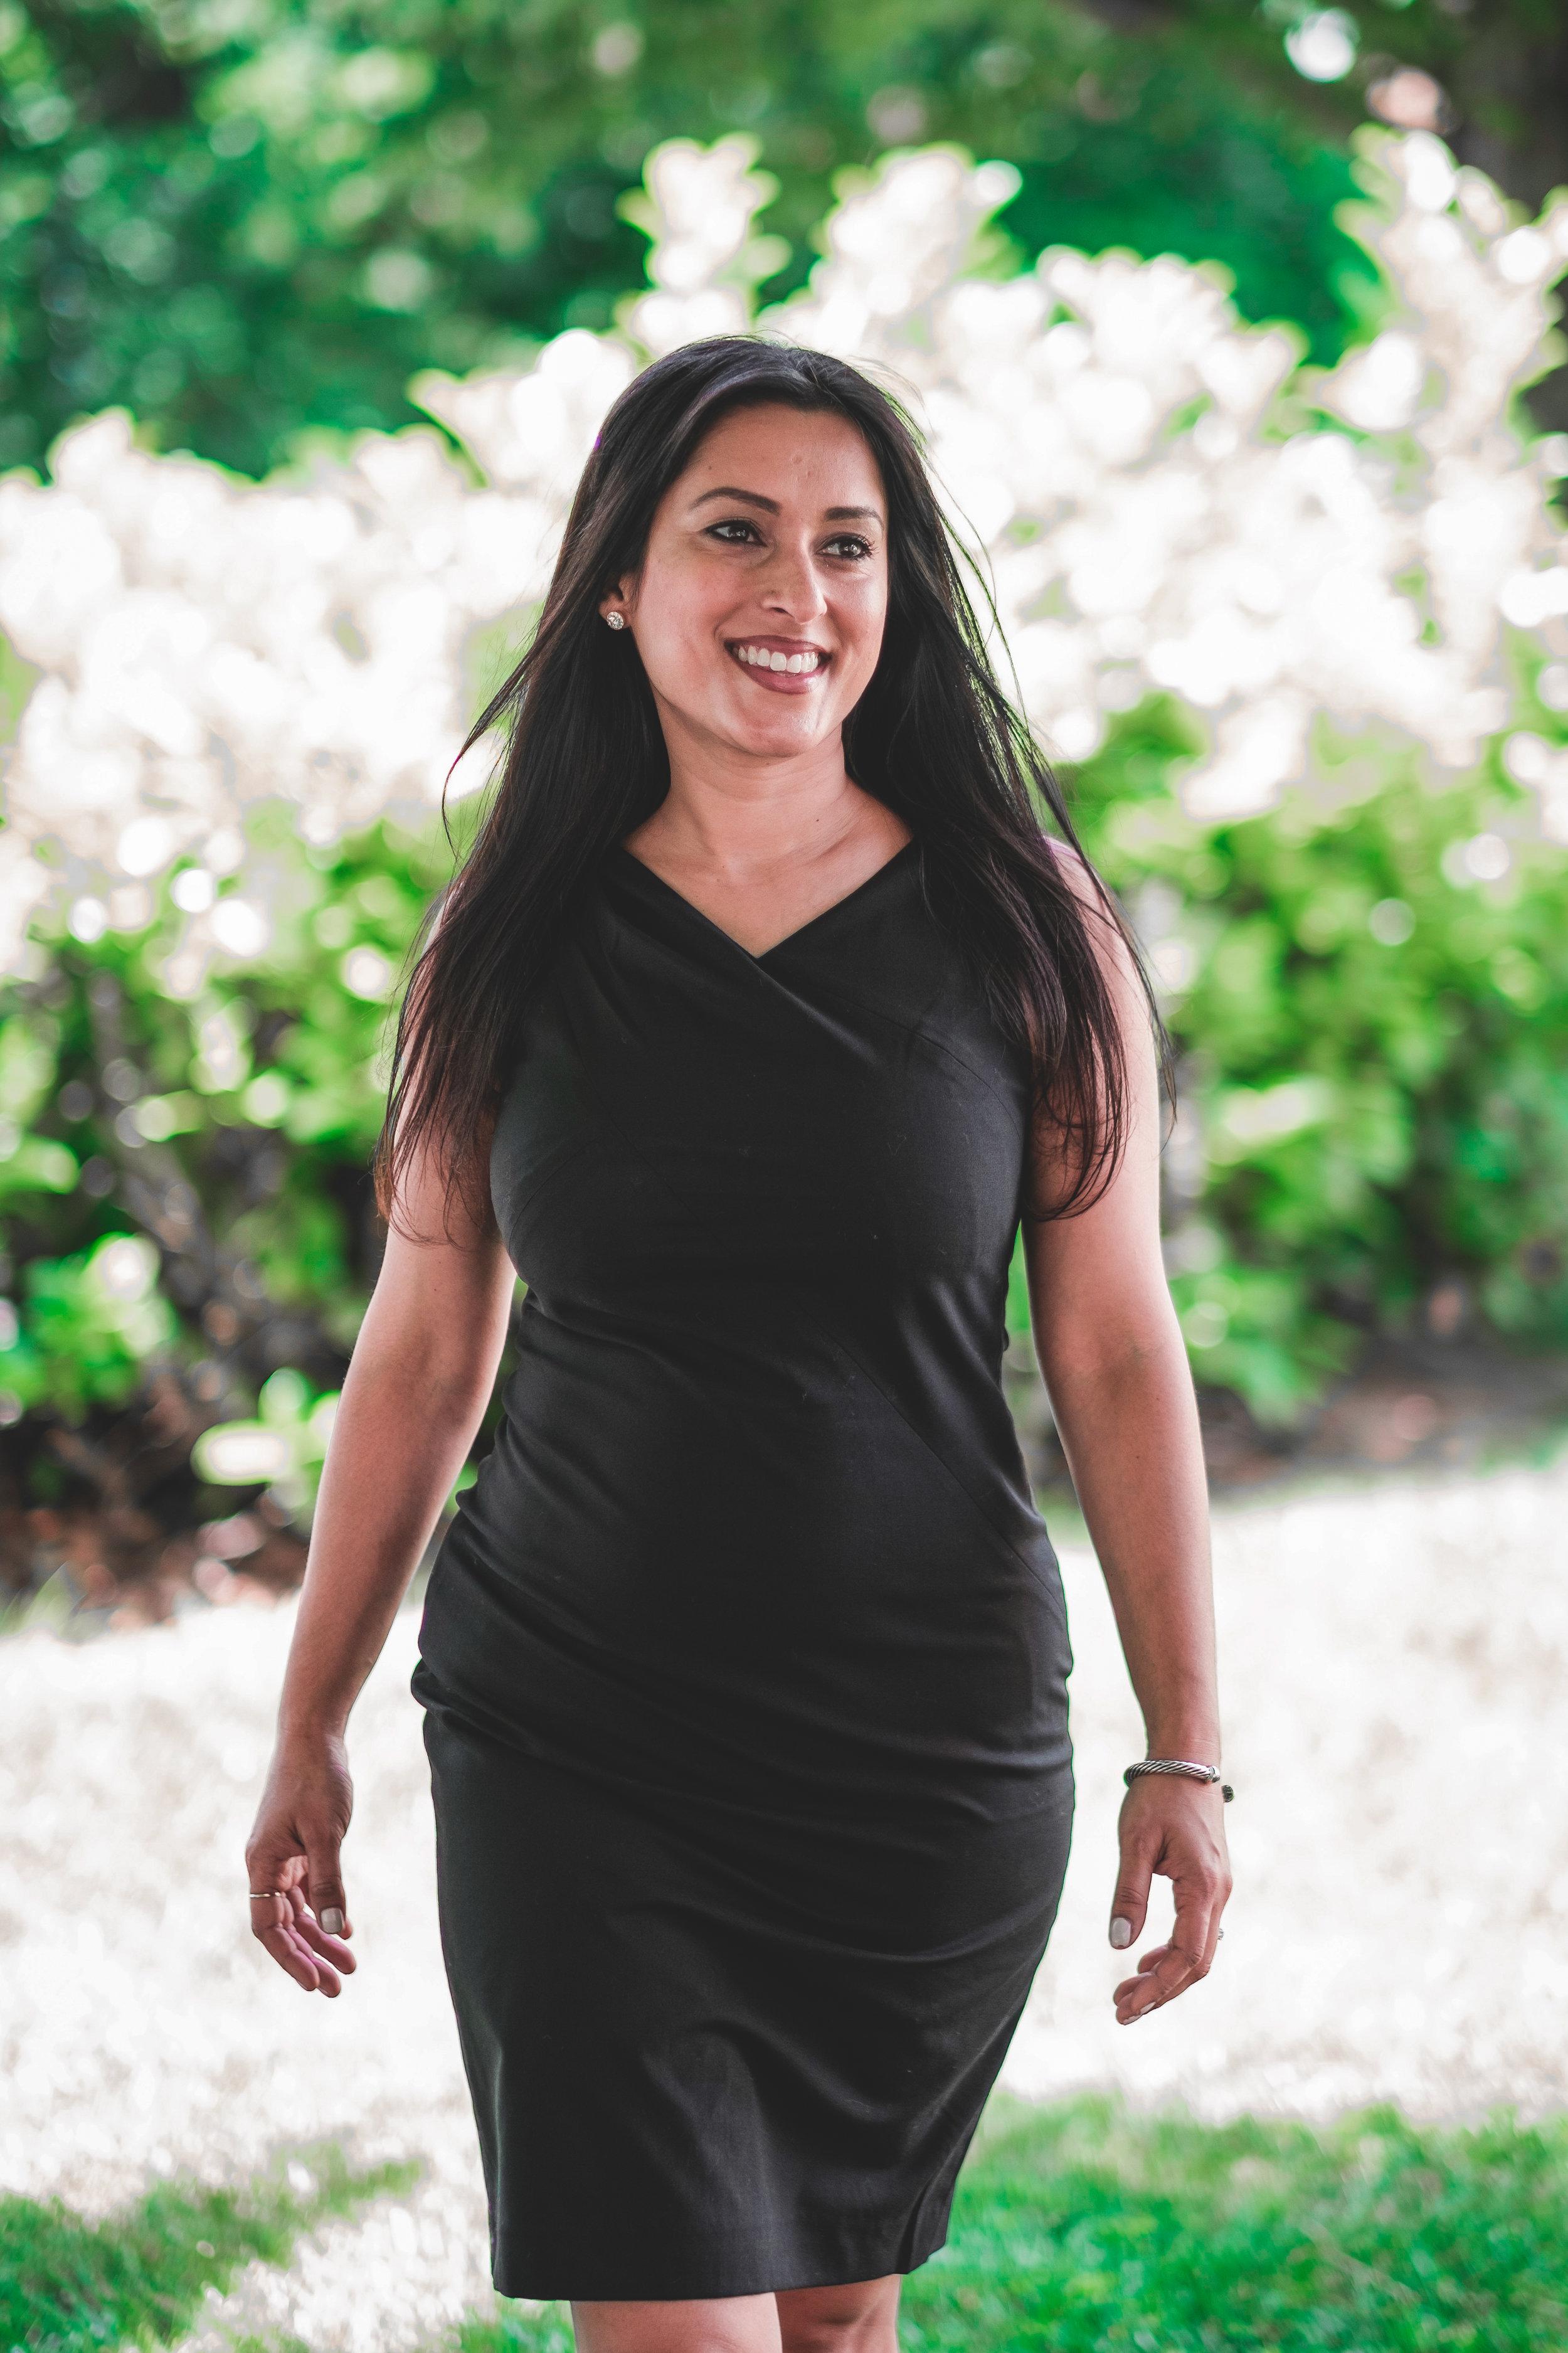 Monica Bassi motivational speaker